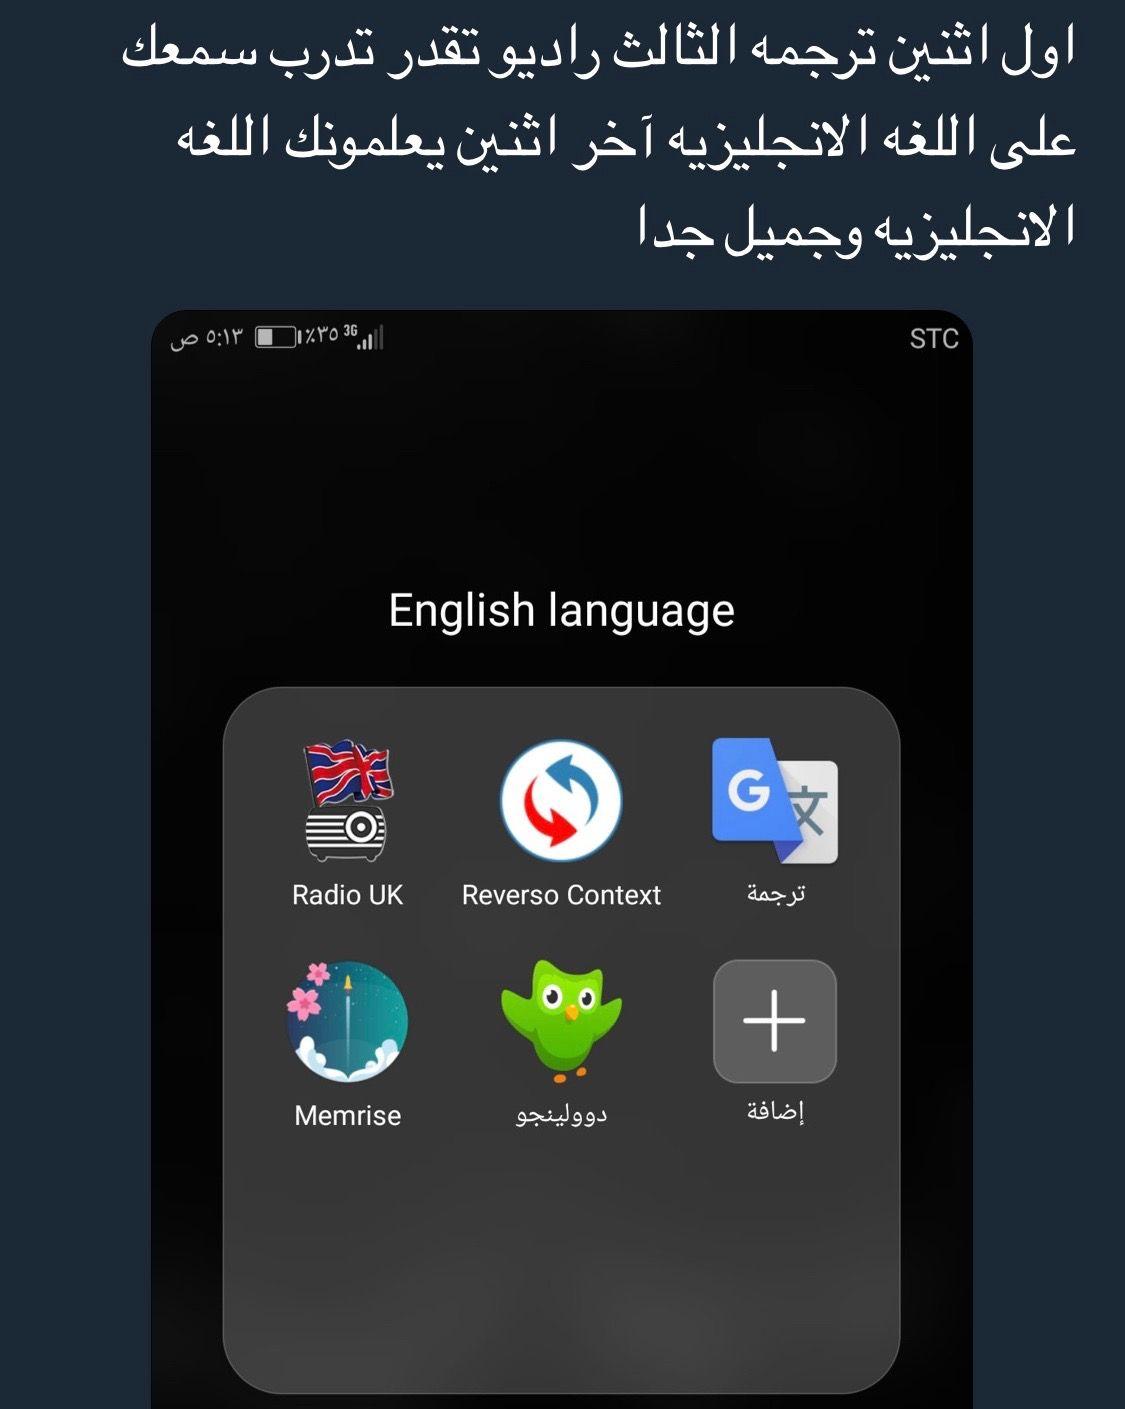 ترجمة من عربى لانجليزى